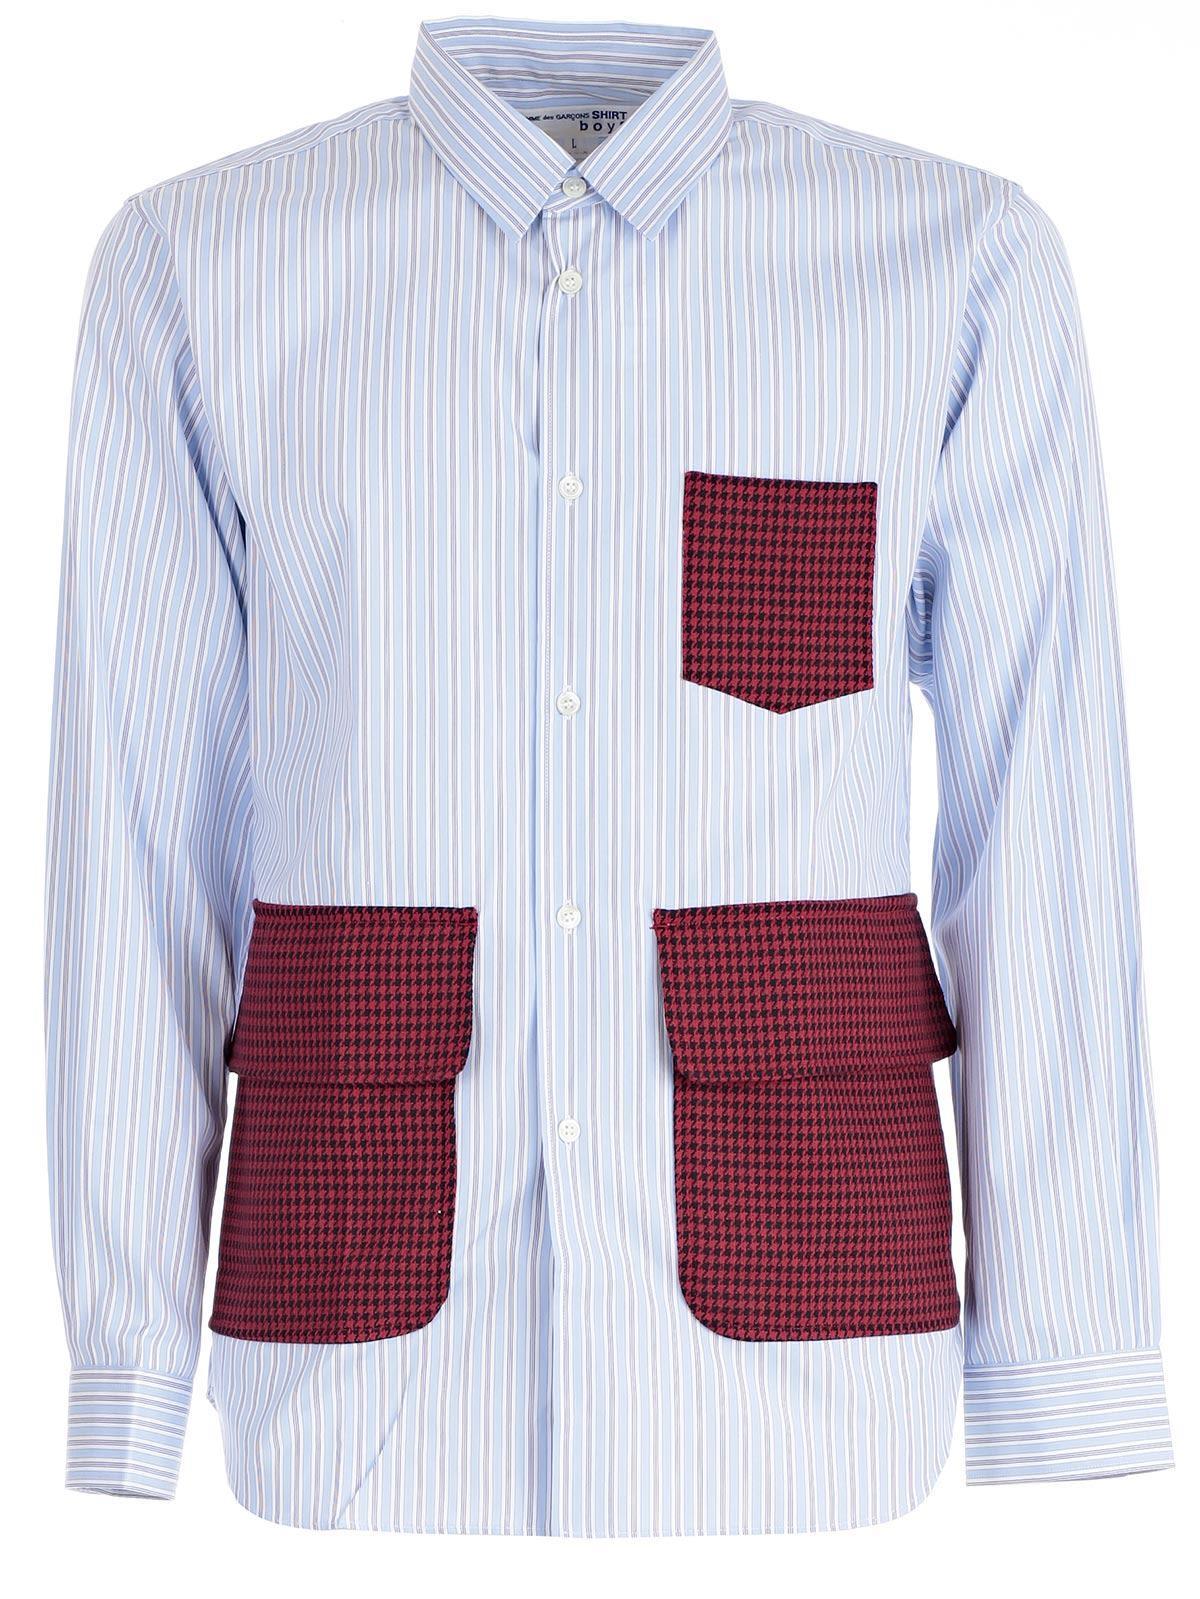 Comme Des GarÇons Shirt Shirt In Stripe Red